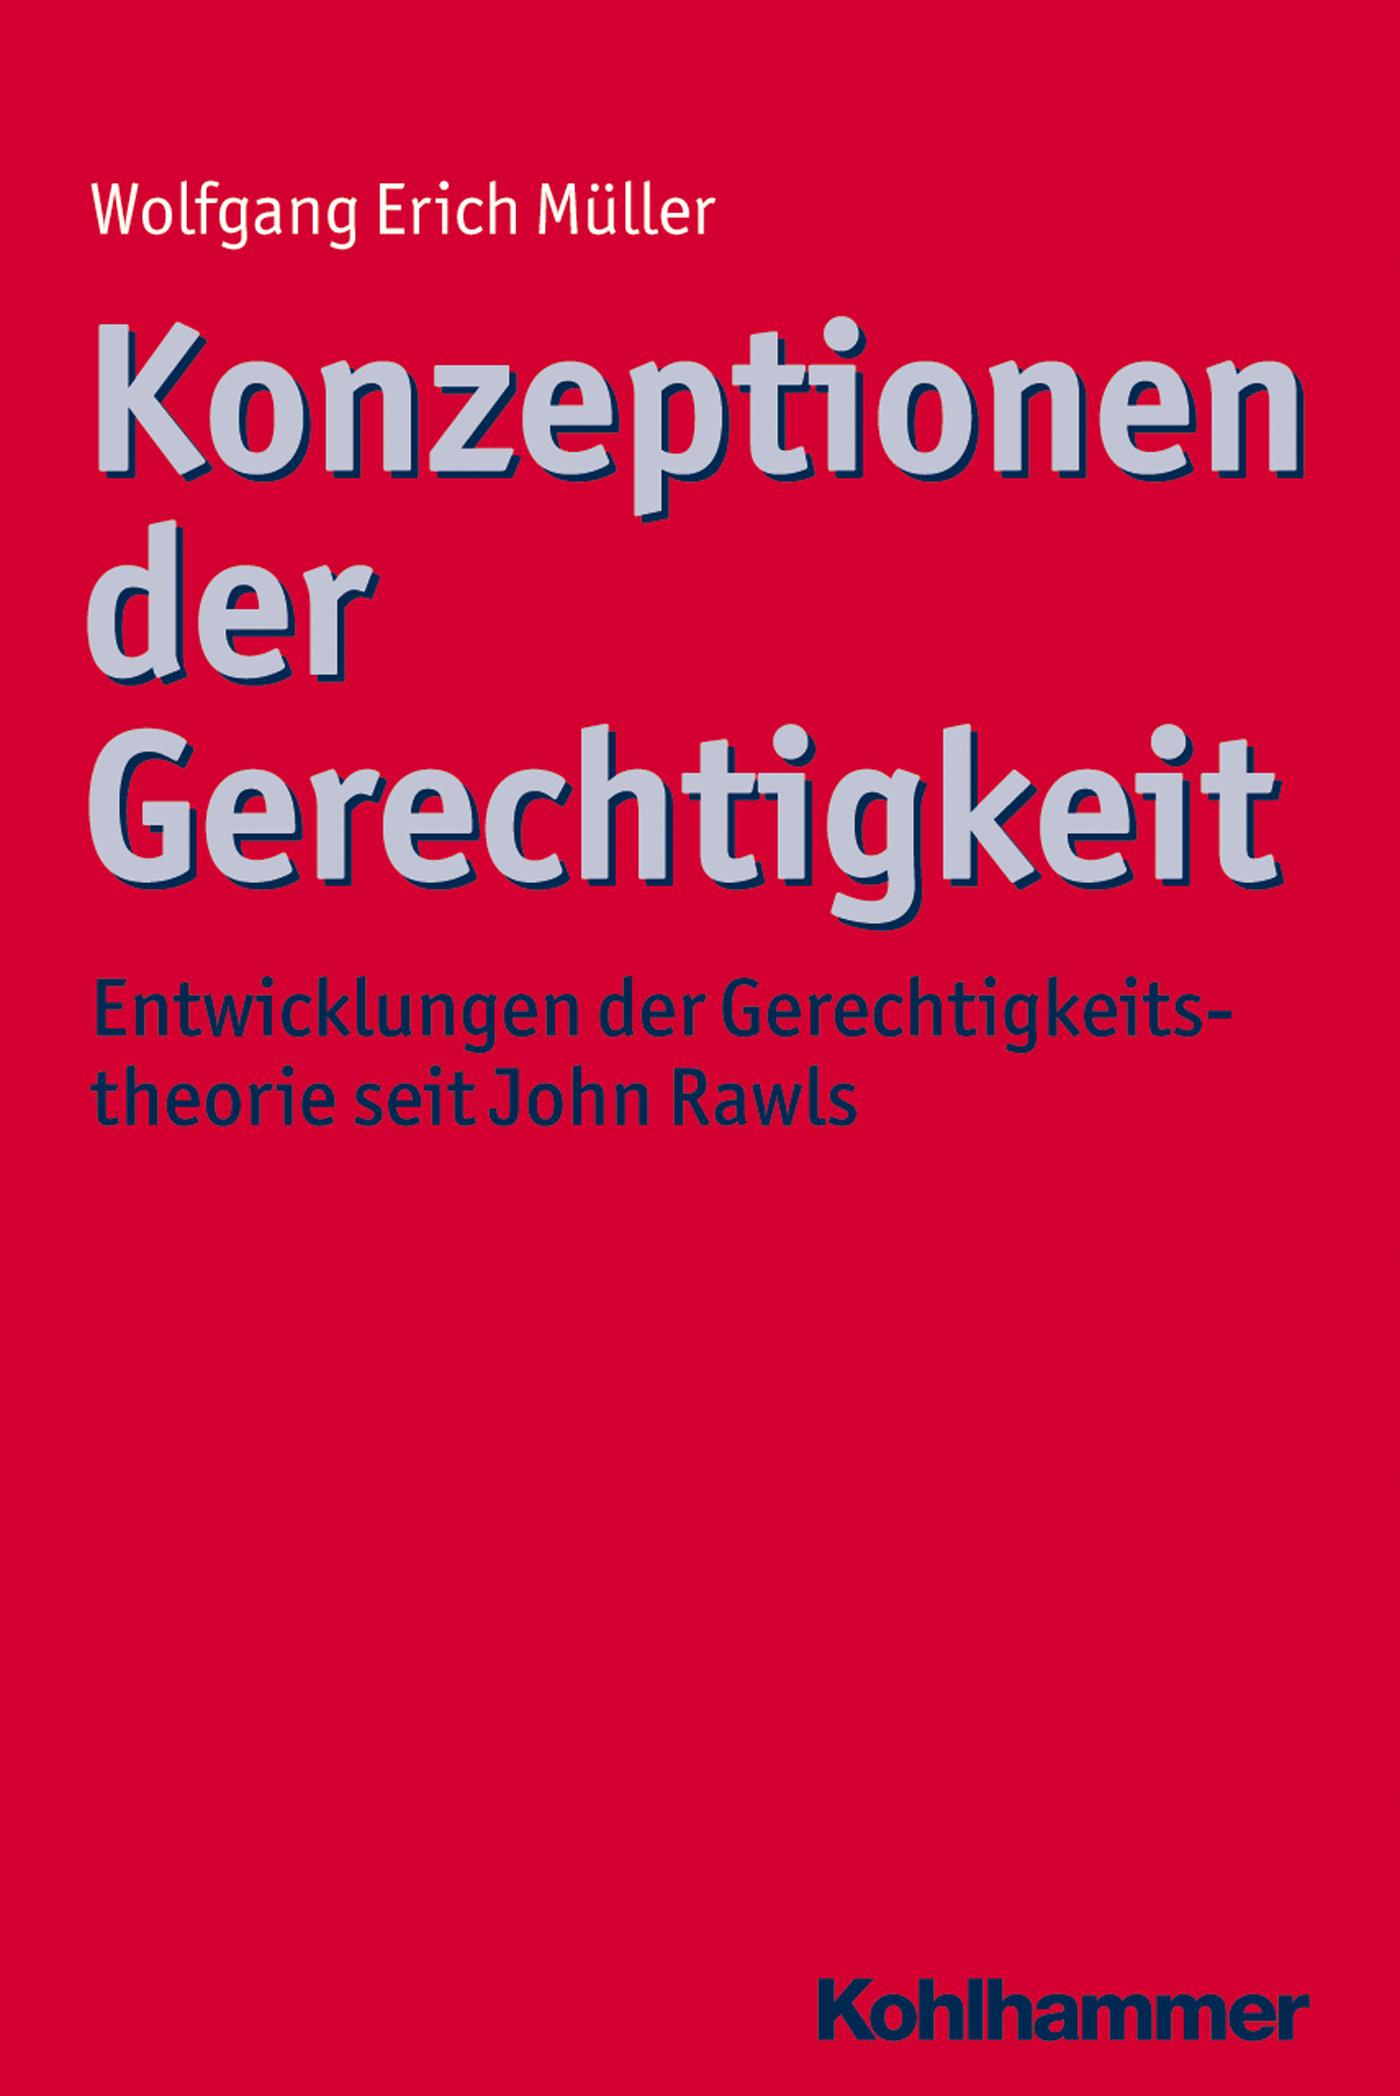 Wolfgang Erich Muller Konzeptionen der Gerechtigkeit gerechtigkeit